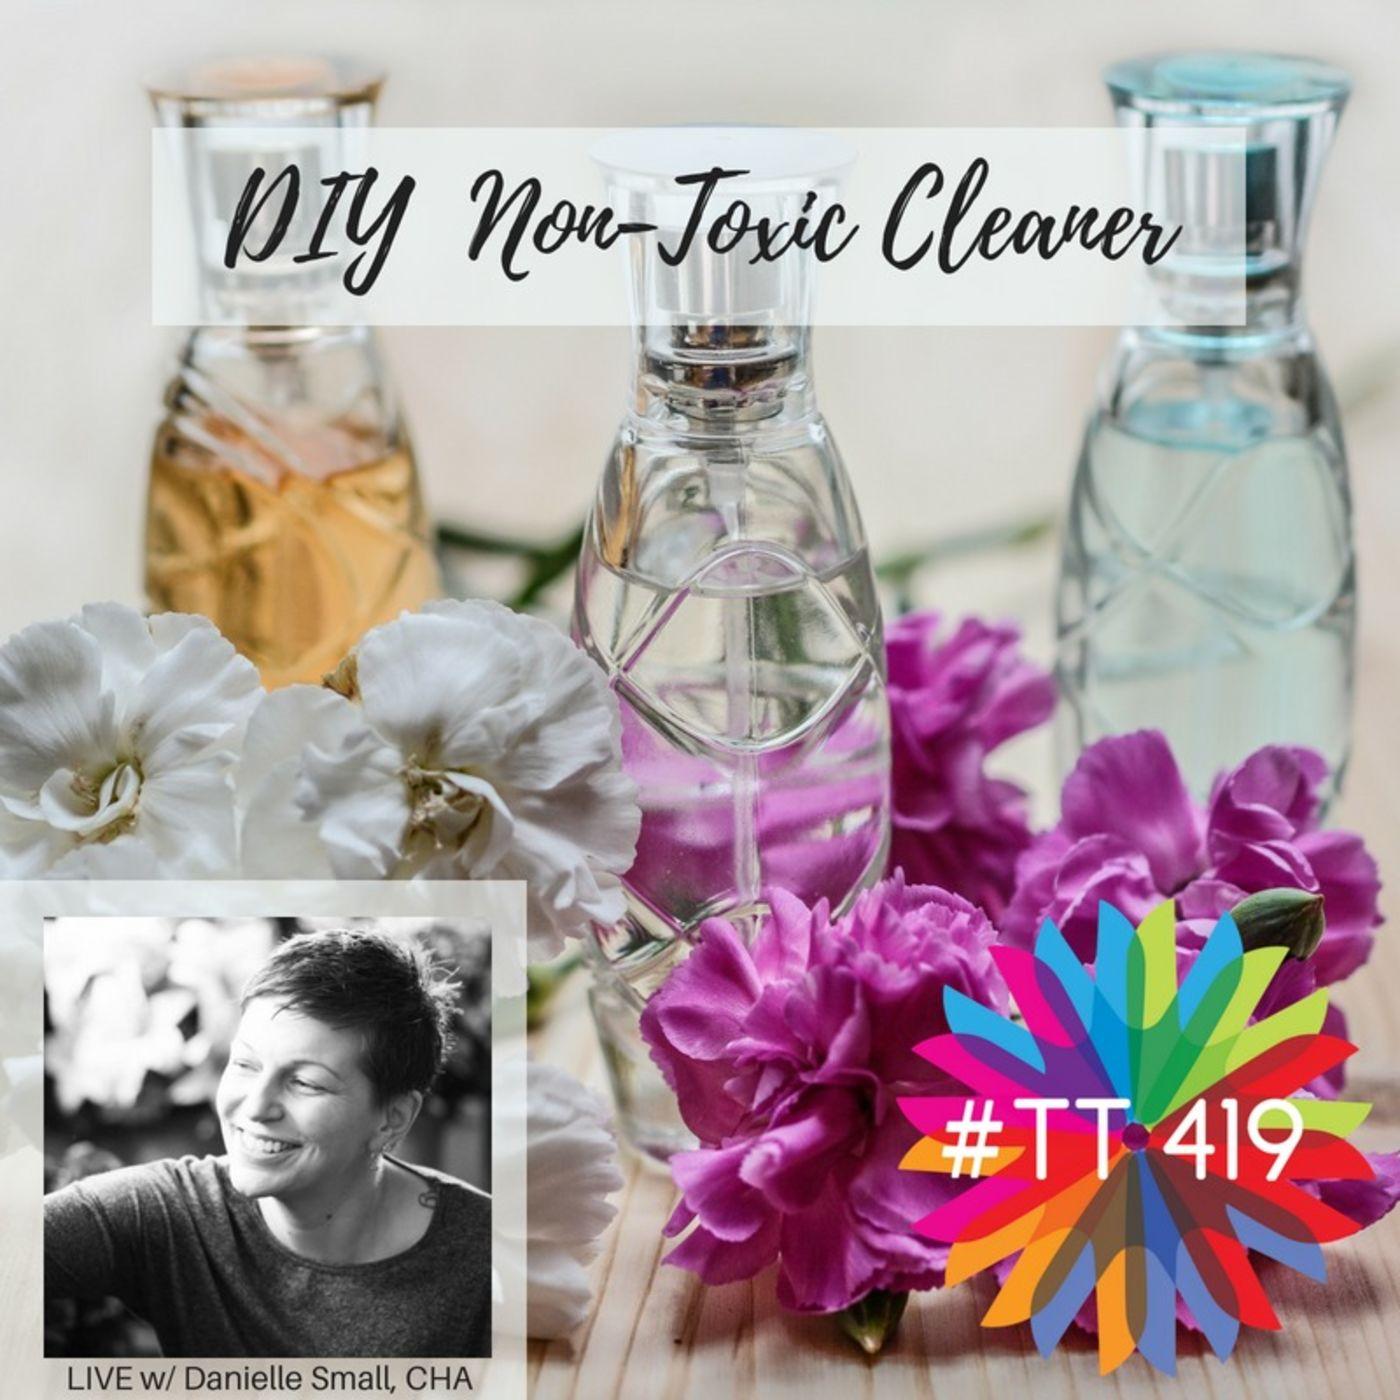 LIVE: Non-Toxic Cleaner DIY w/Danielle Small, CHA